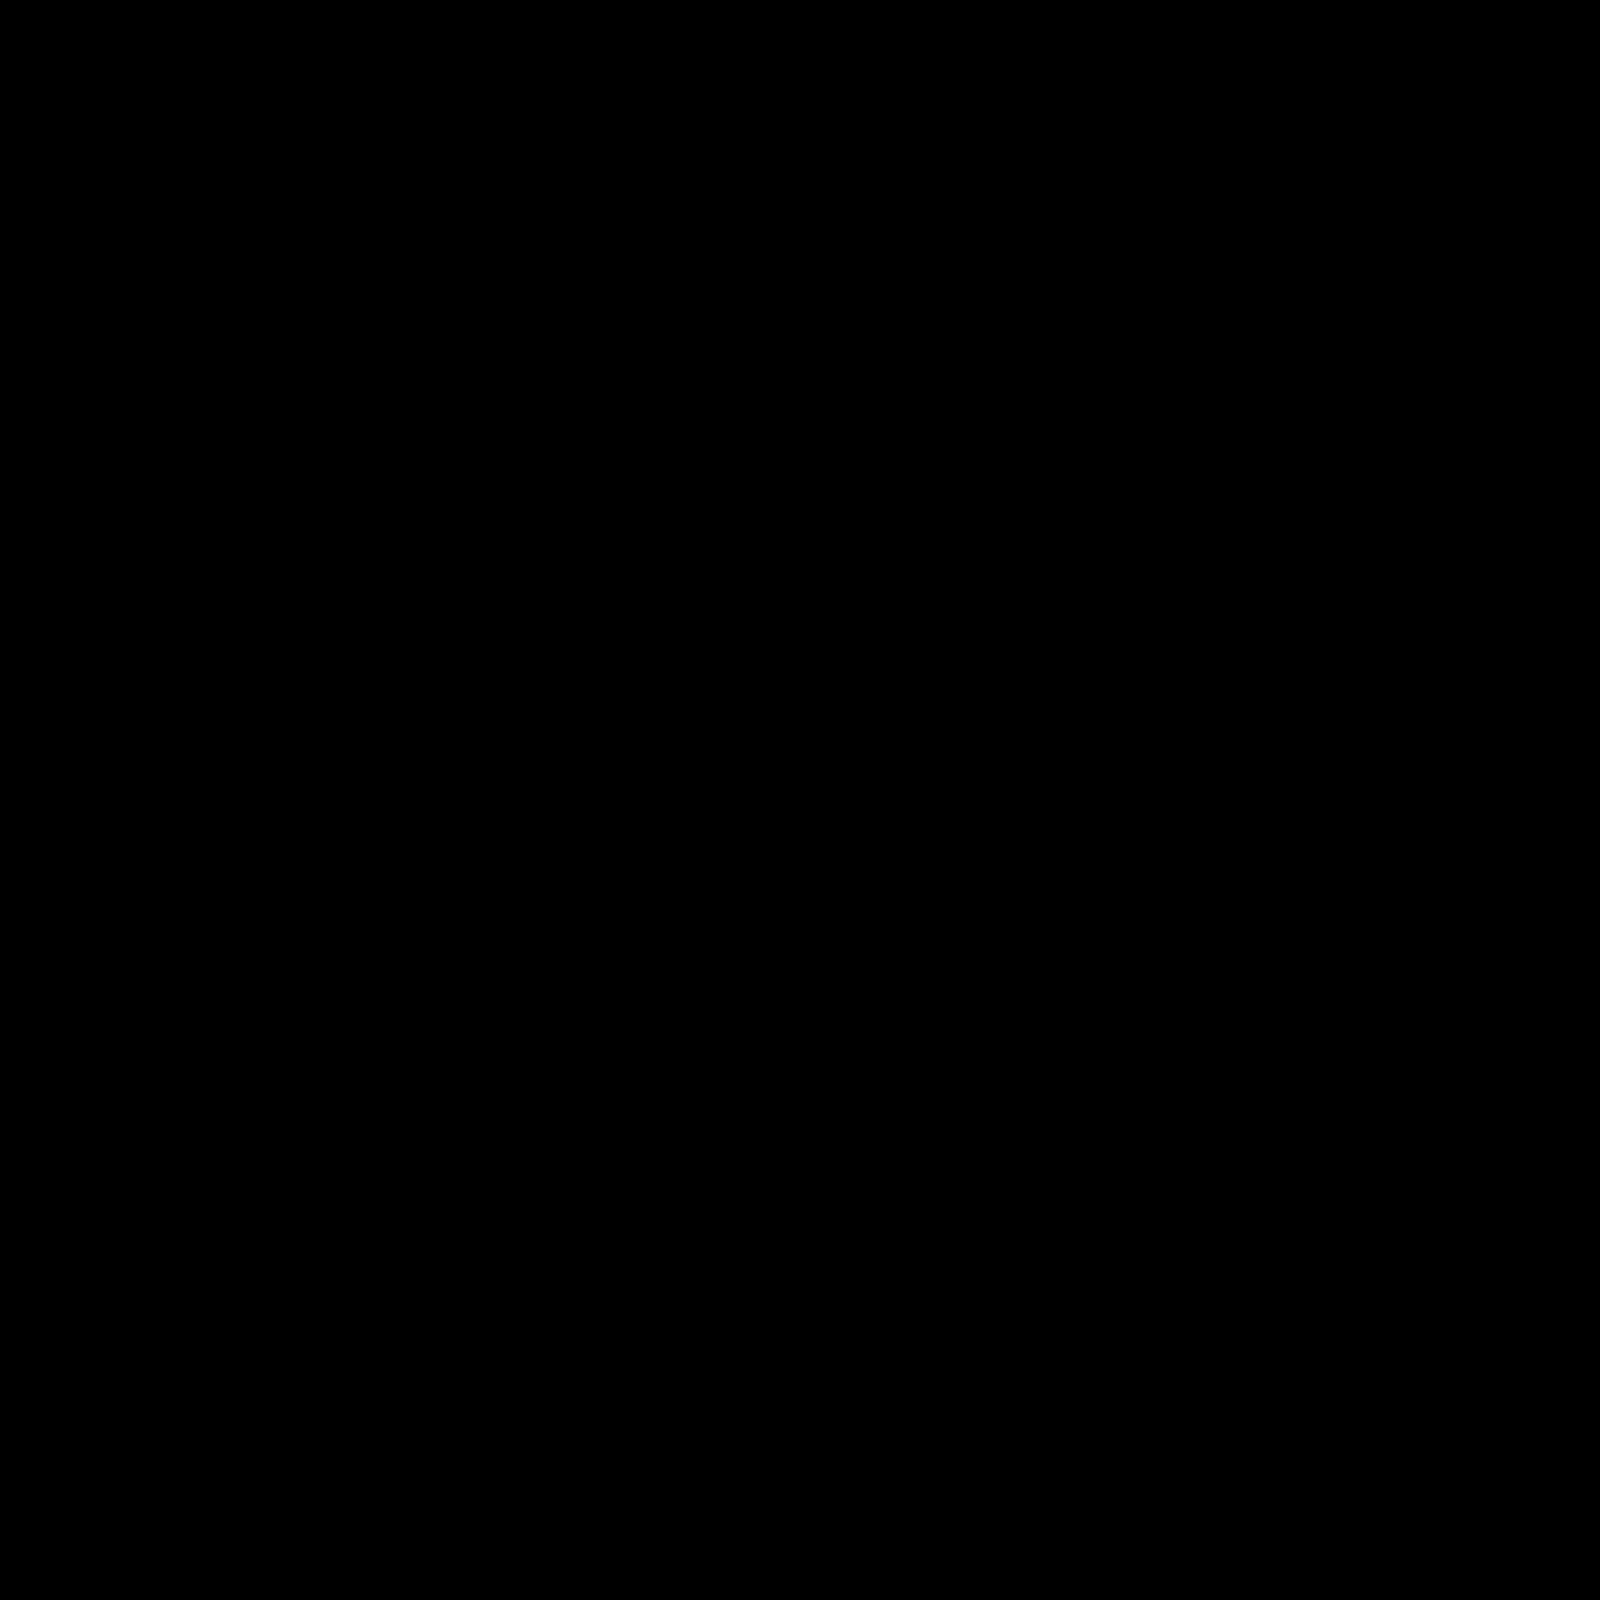 Вконтакте логотип PNG